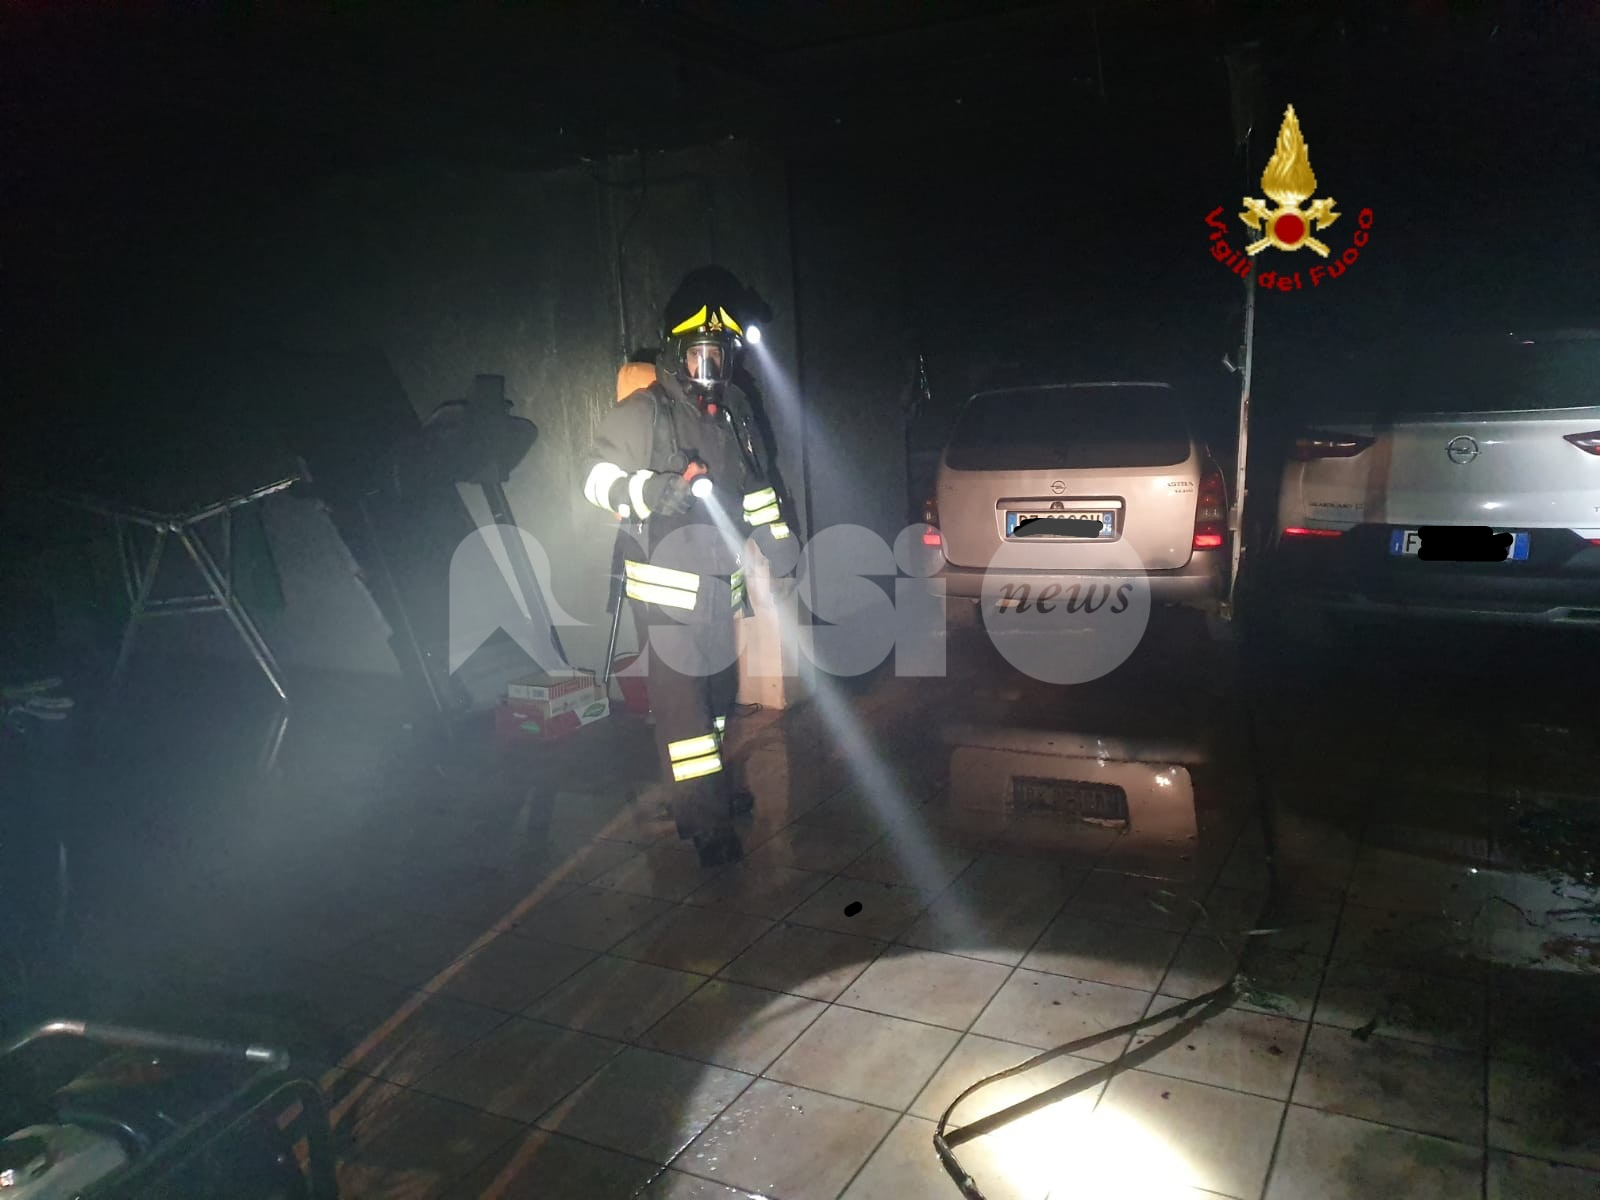 Incendio in un'autorimessa a Bettona, danneggiate tre auto (foto)